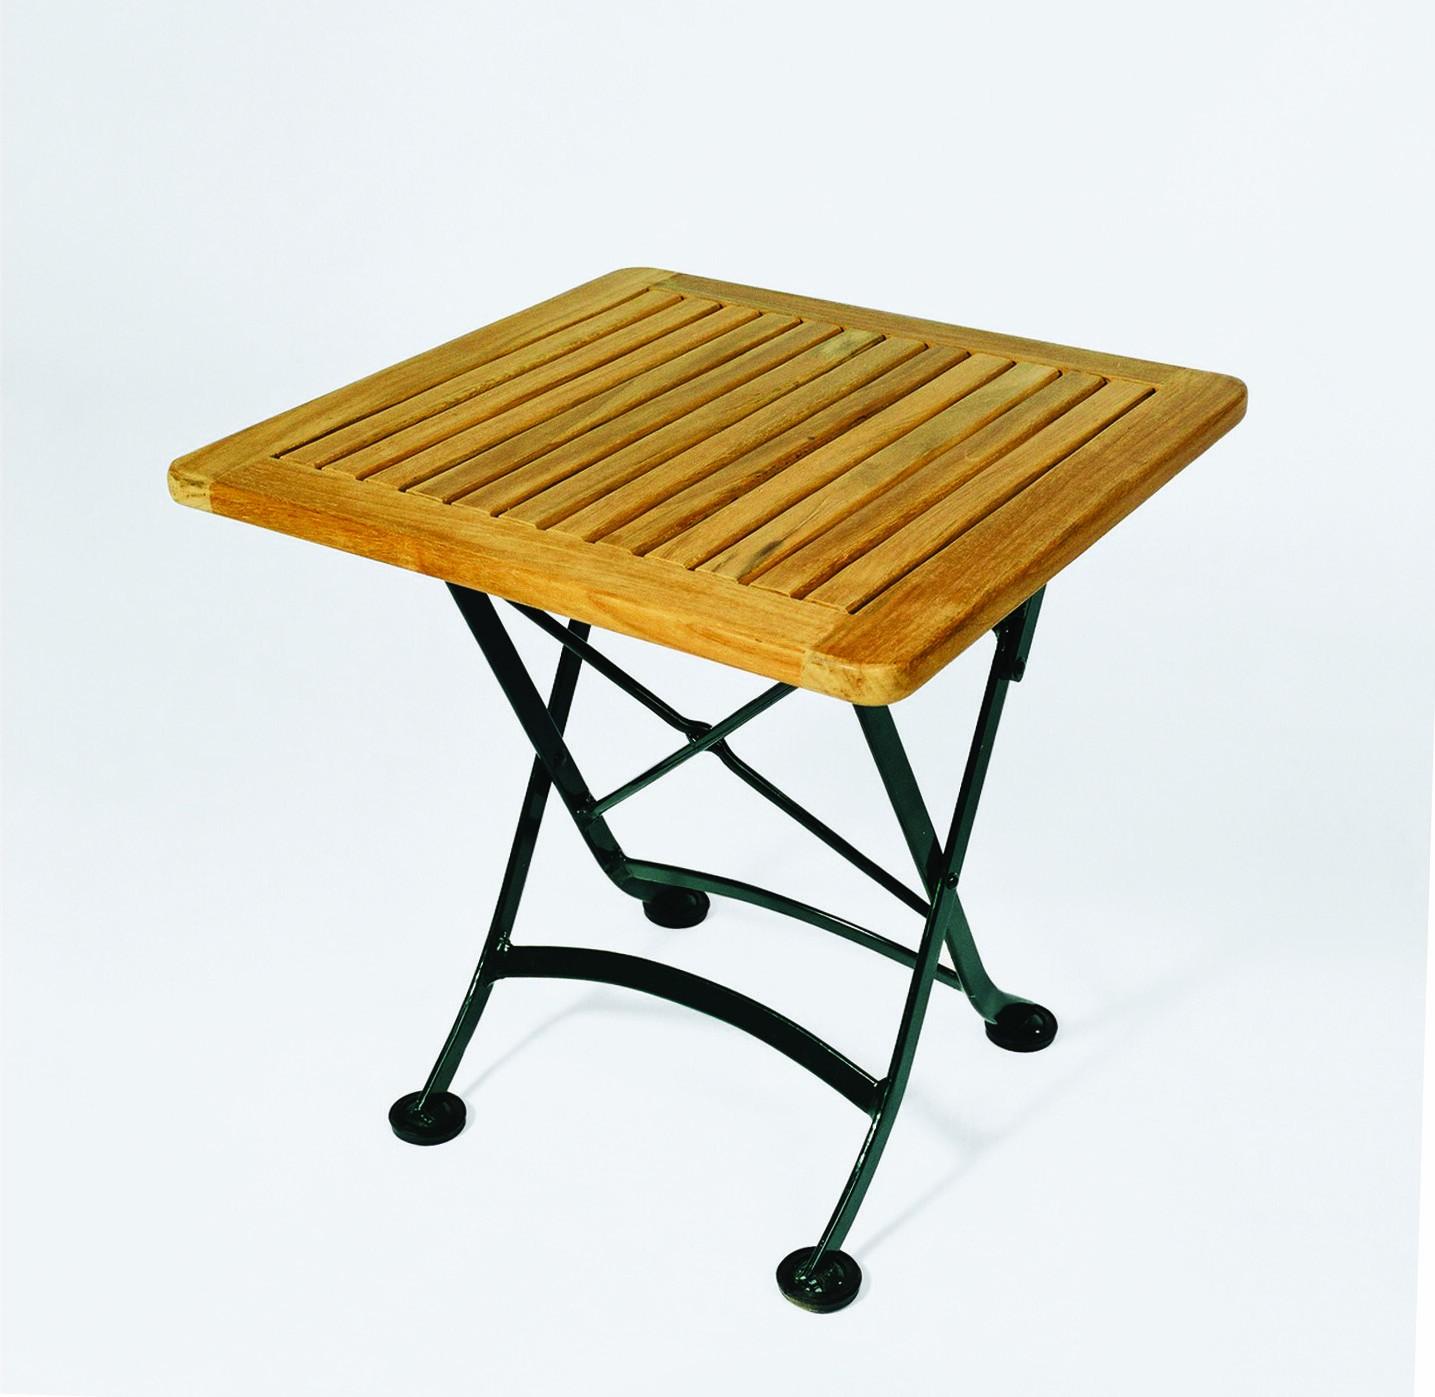 garten beistelltisch teak esstische rund und ausziehbar. Black Bedroom Furniture Sets. Home Design Ideas